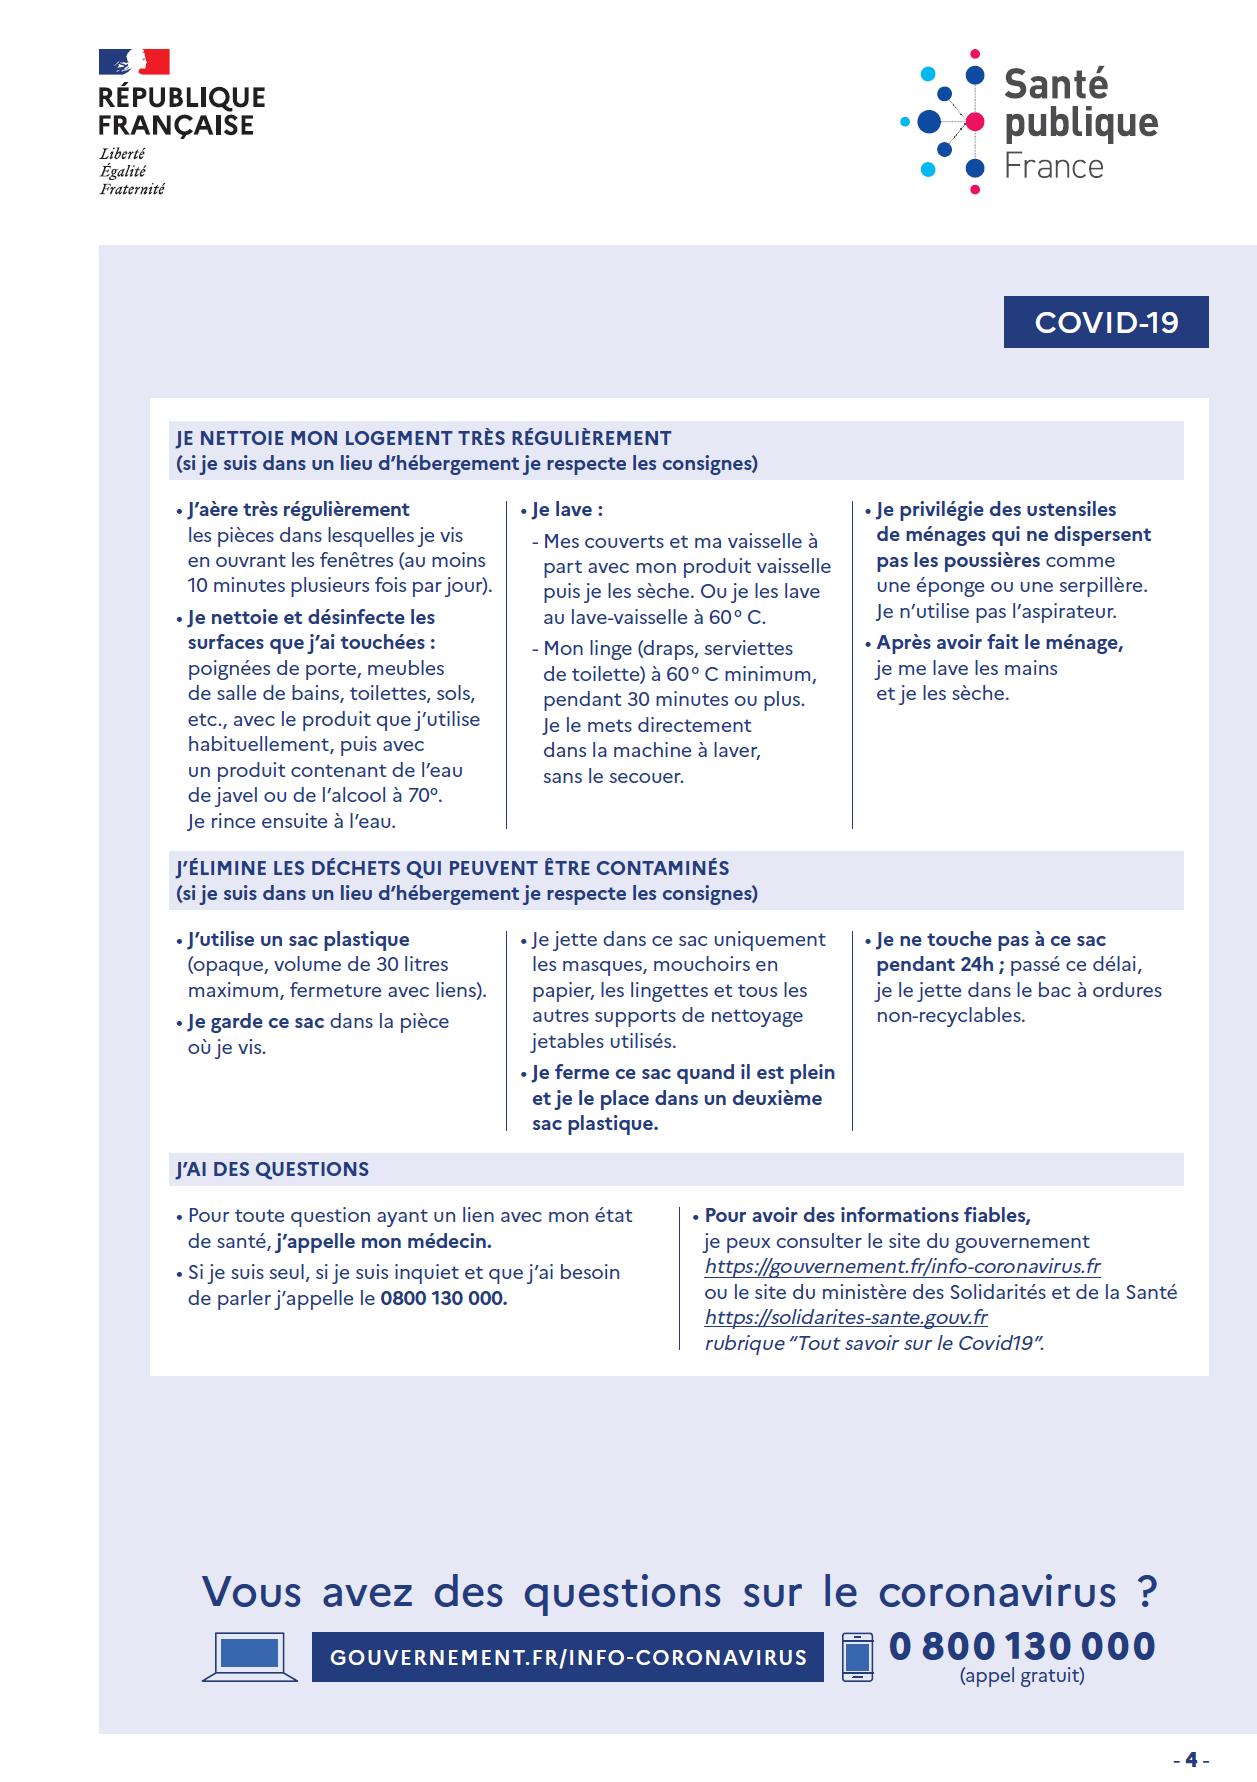 J_ai été en contact avec une personne malade de la COVID19 santé publique France p4.png